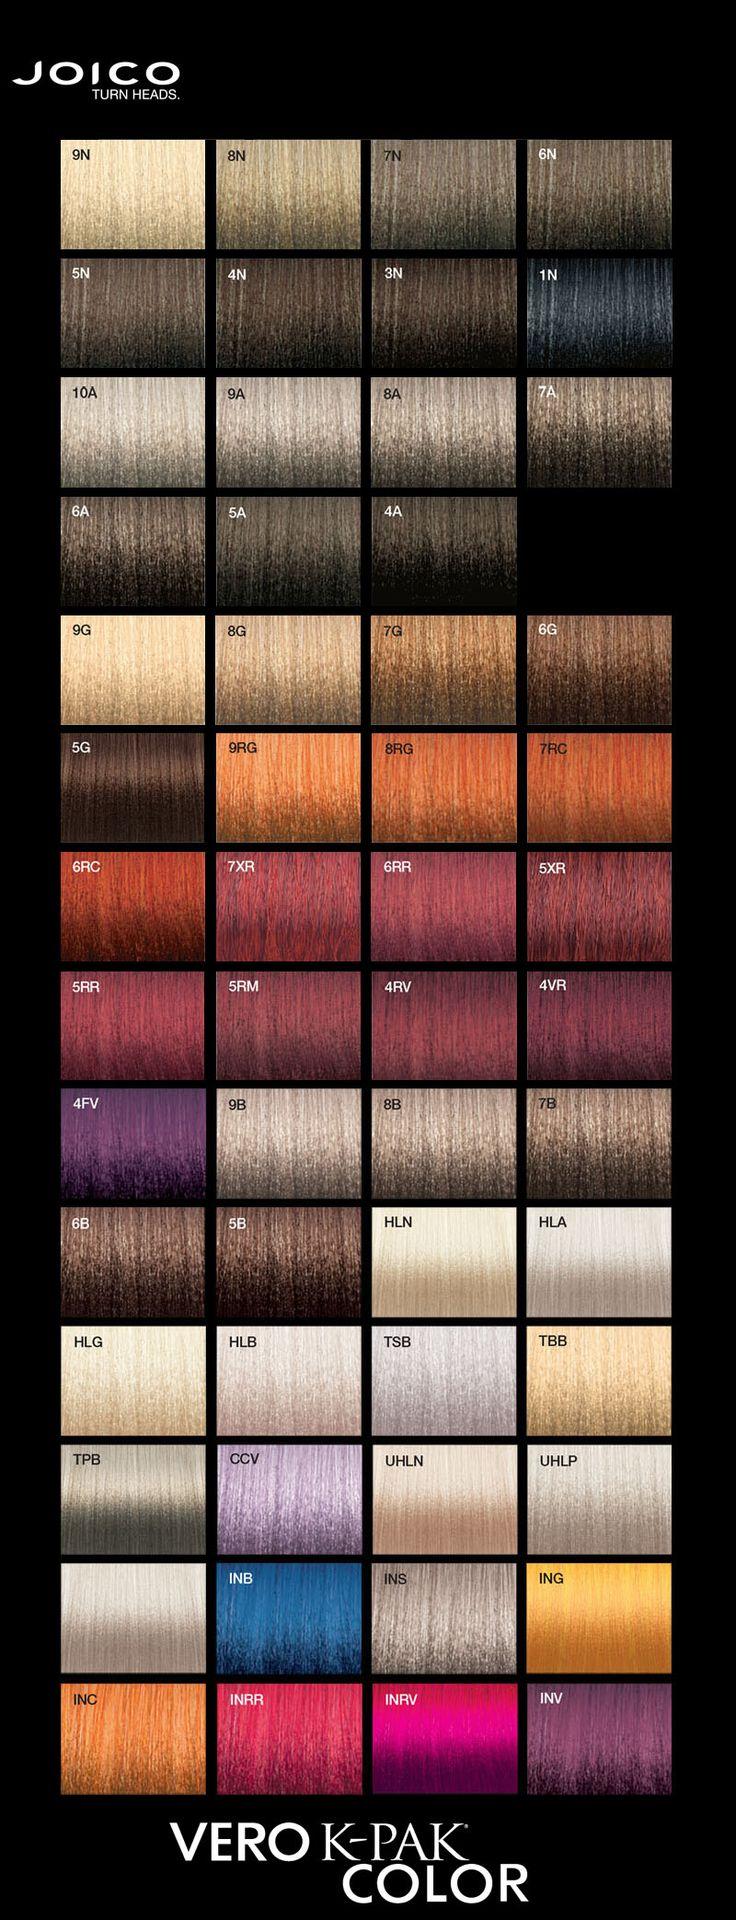 Joico Vero K-Pak Colour Palette.